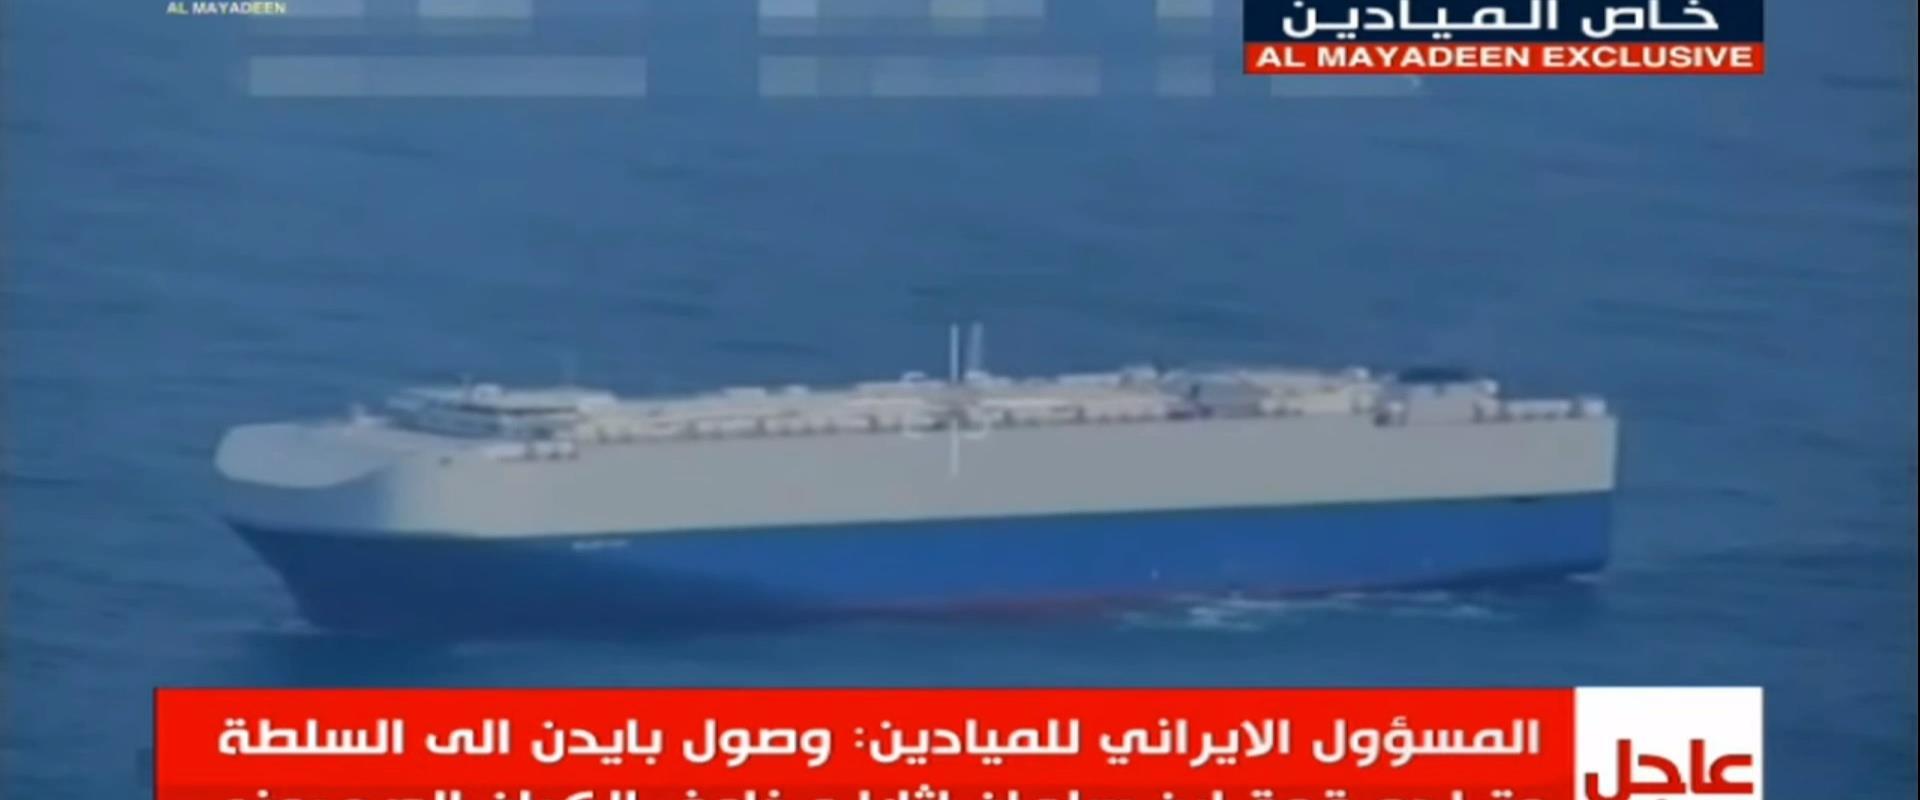 הספינה שבבעלות איש העסקים הישראלי, במפרץ עומאן